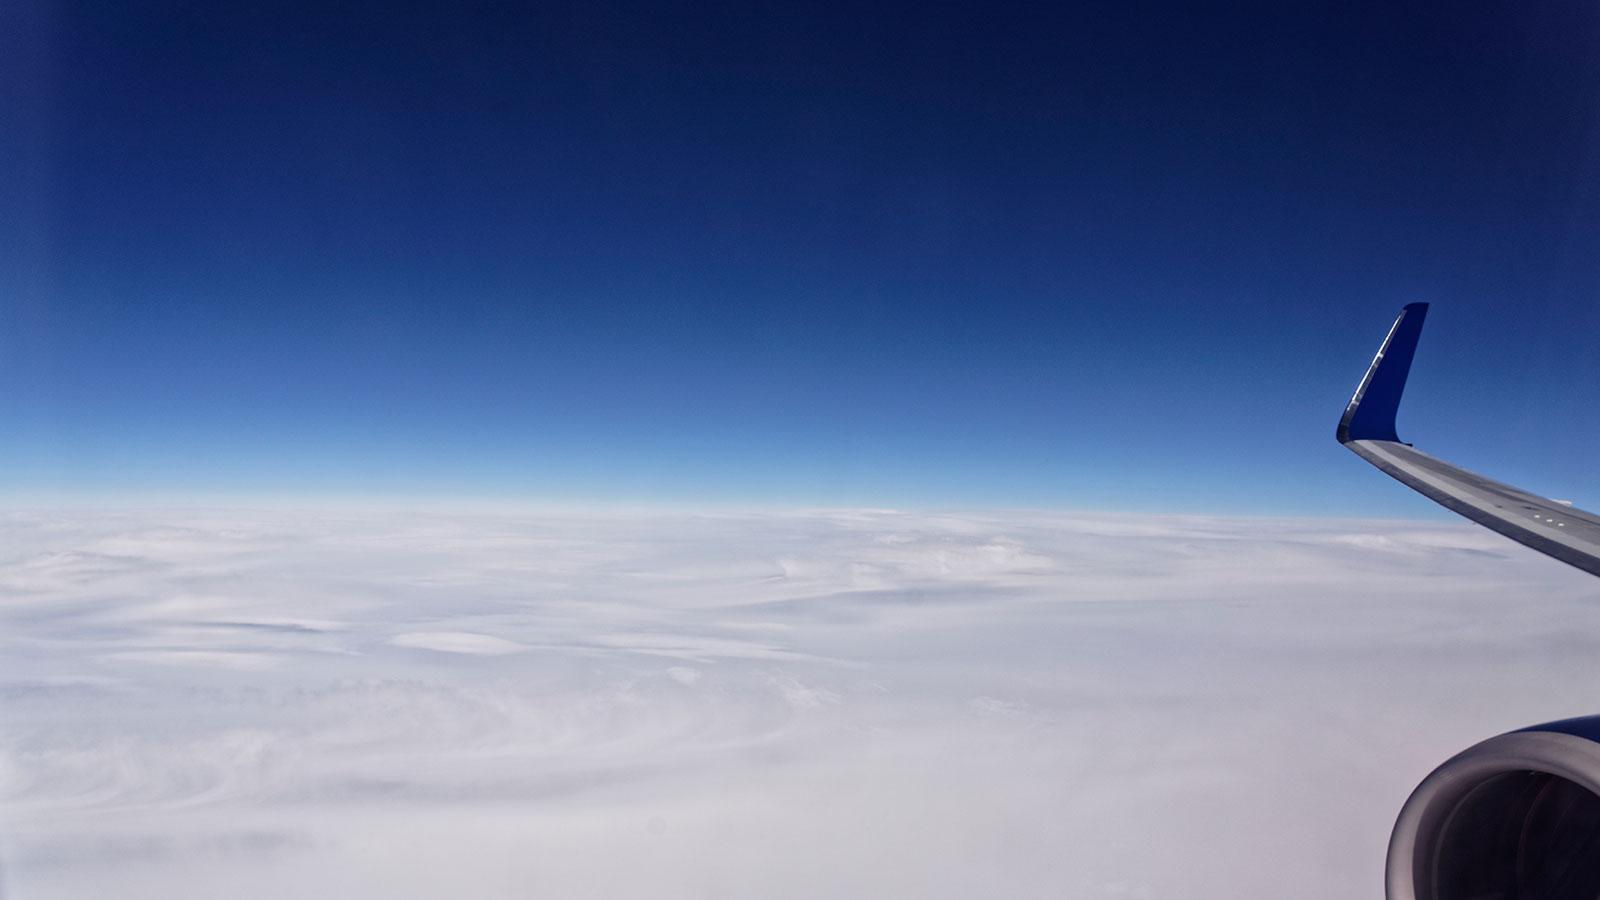 30 000 feet, March 2015